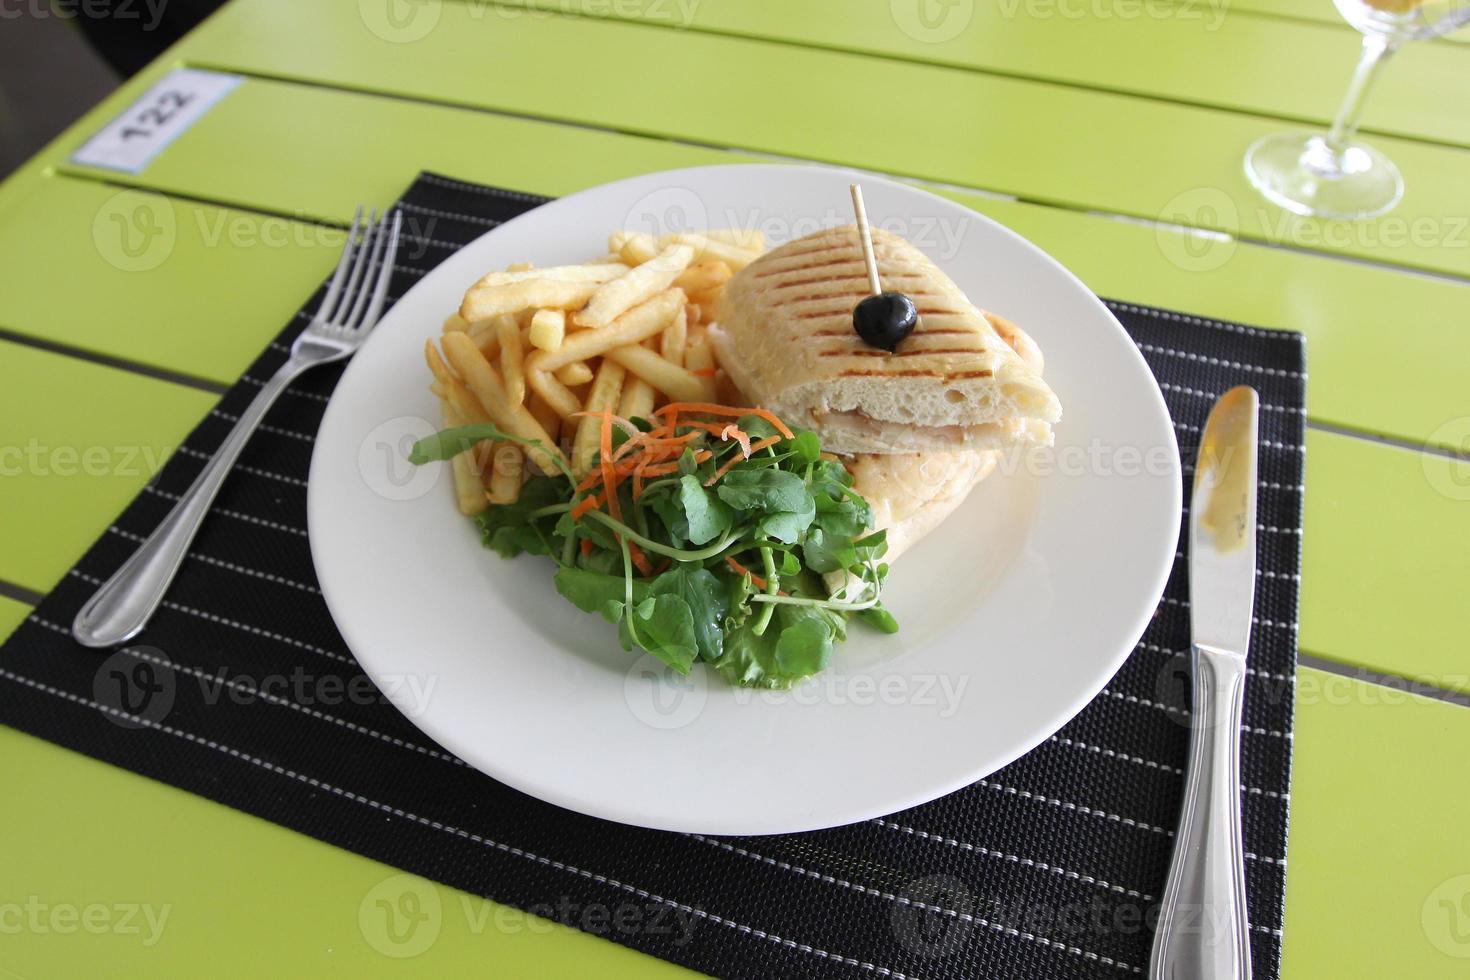 menú del restaurante foto